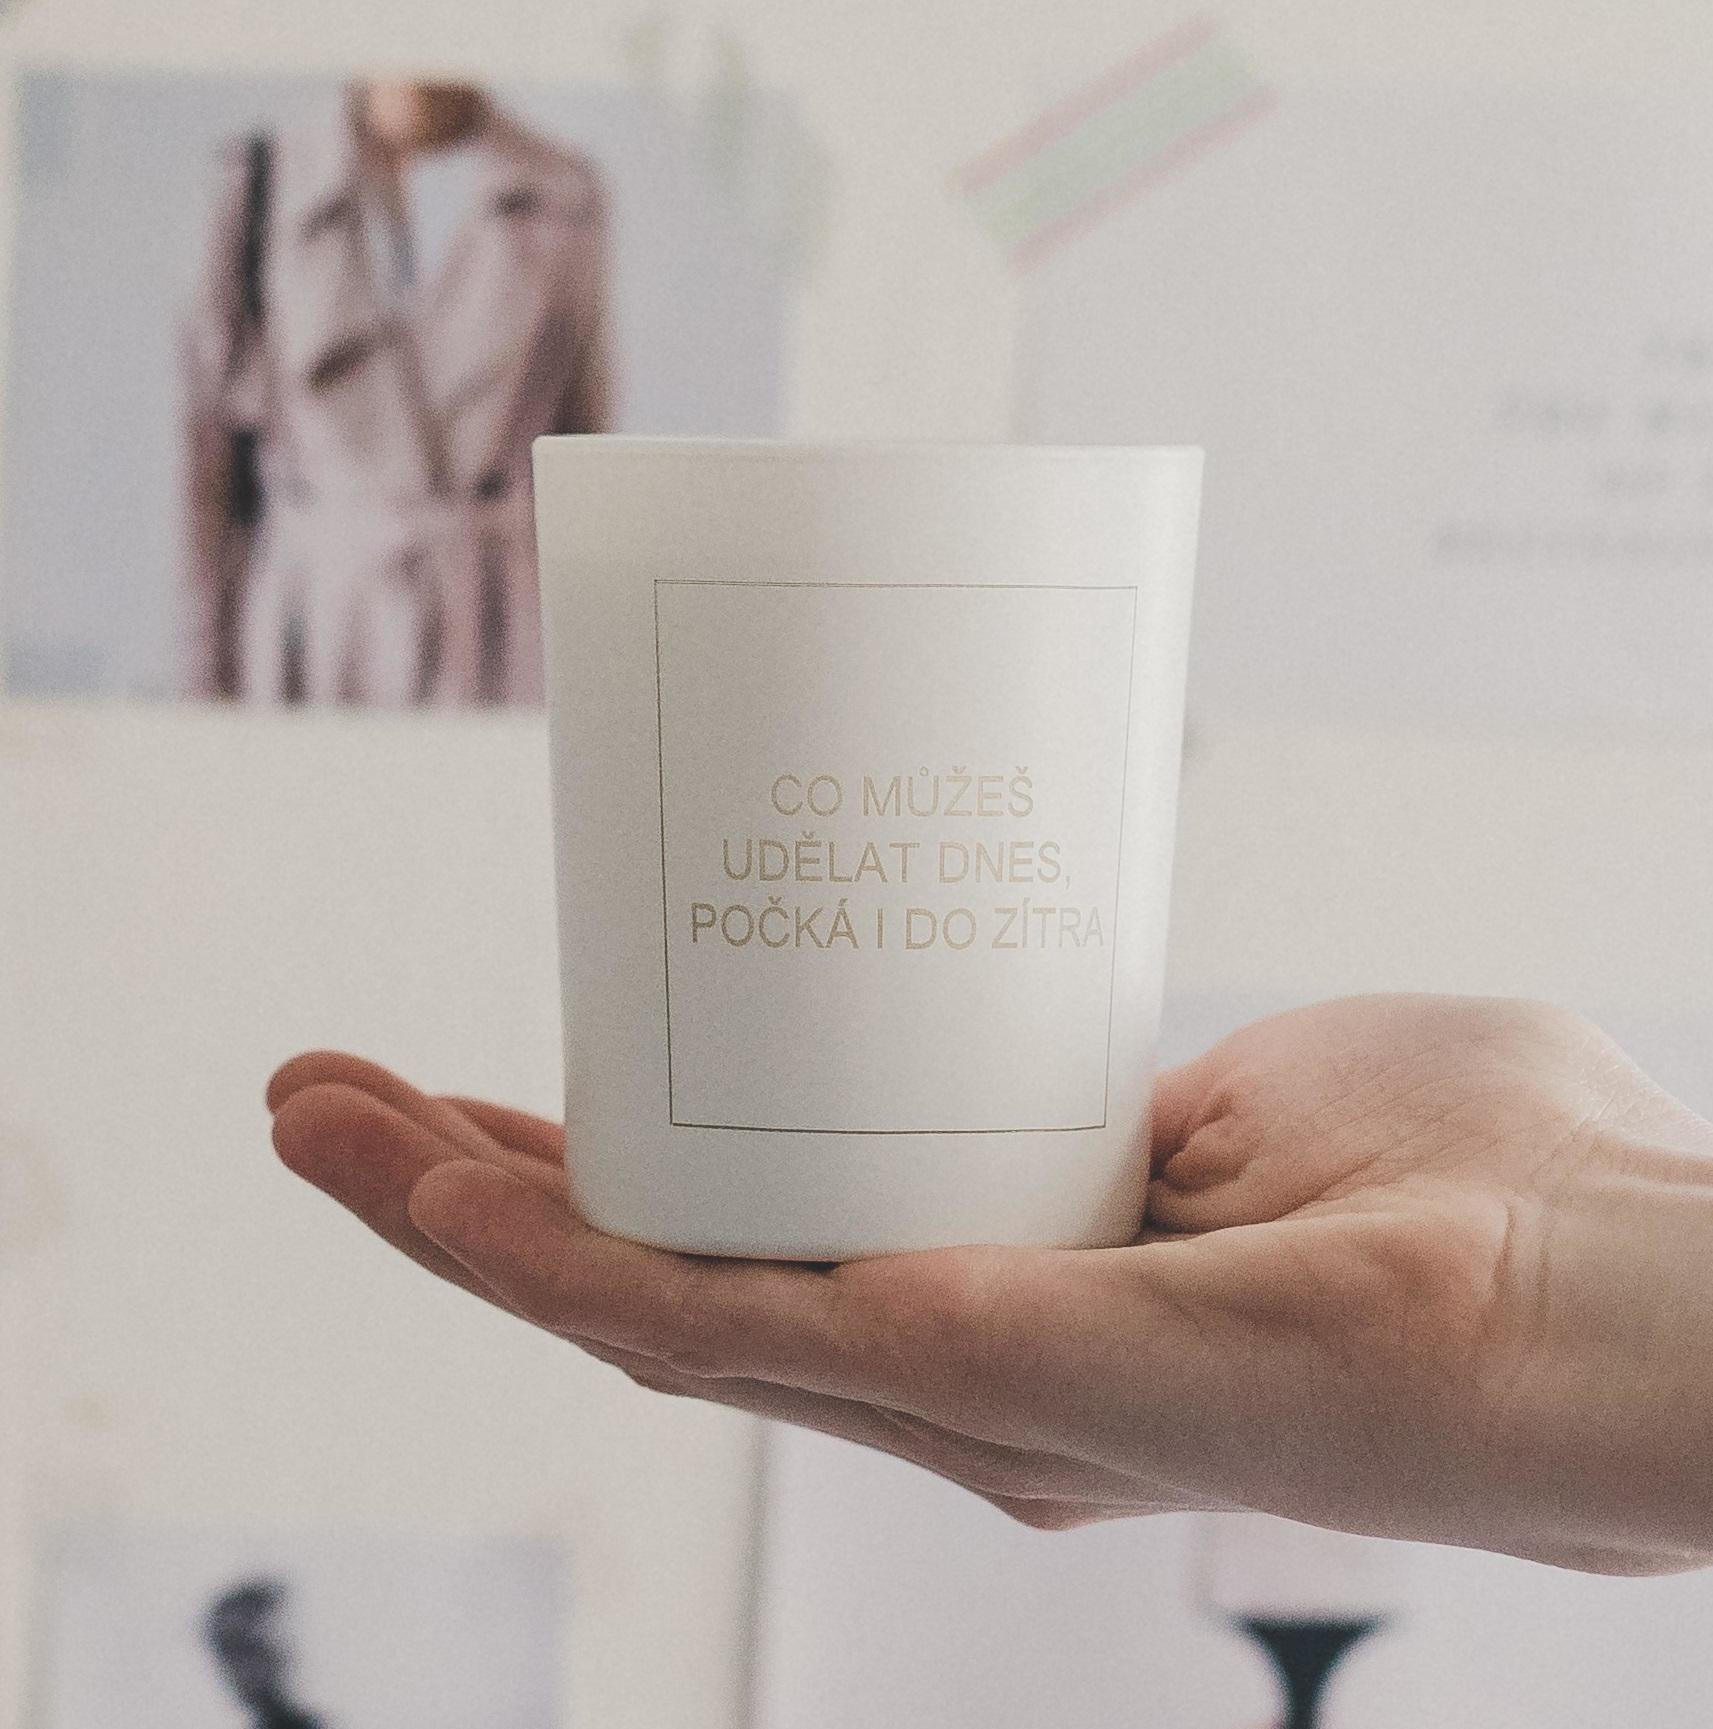 Love Inc. Bílá svíčka Co můžeš udělat dnes, počká i do zítřka - fíky a růže, bílá barva, sklo, dřevo, vosk